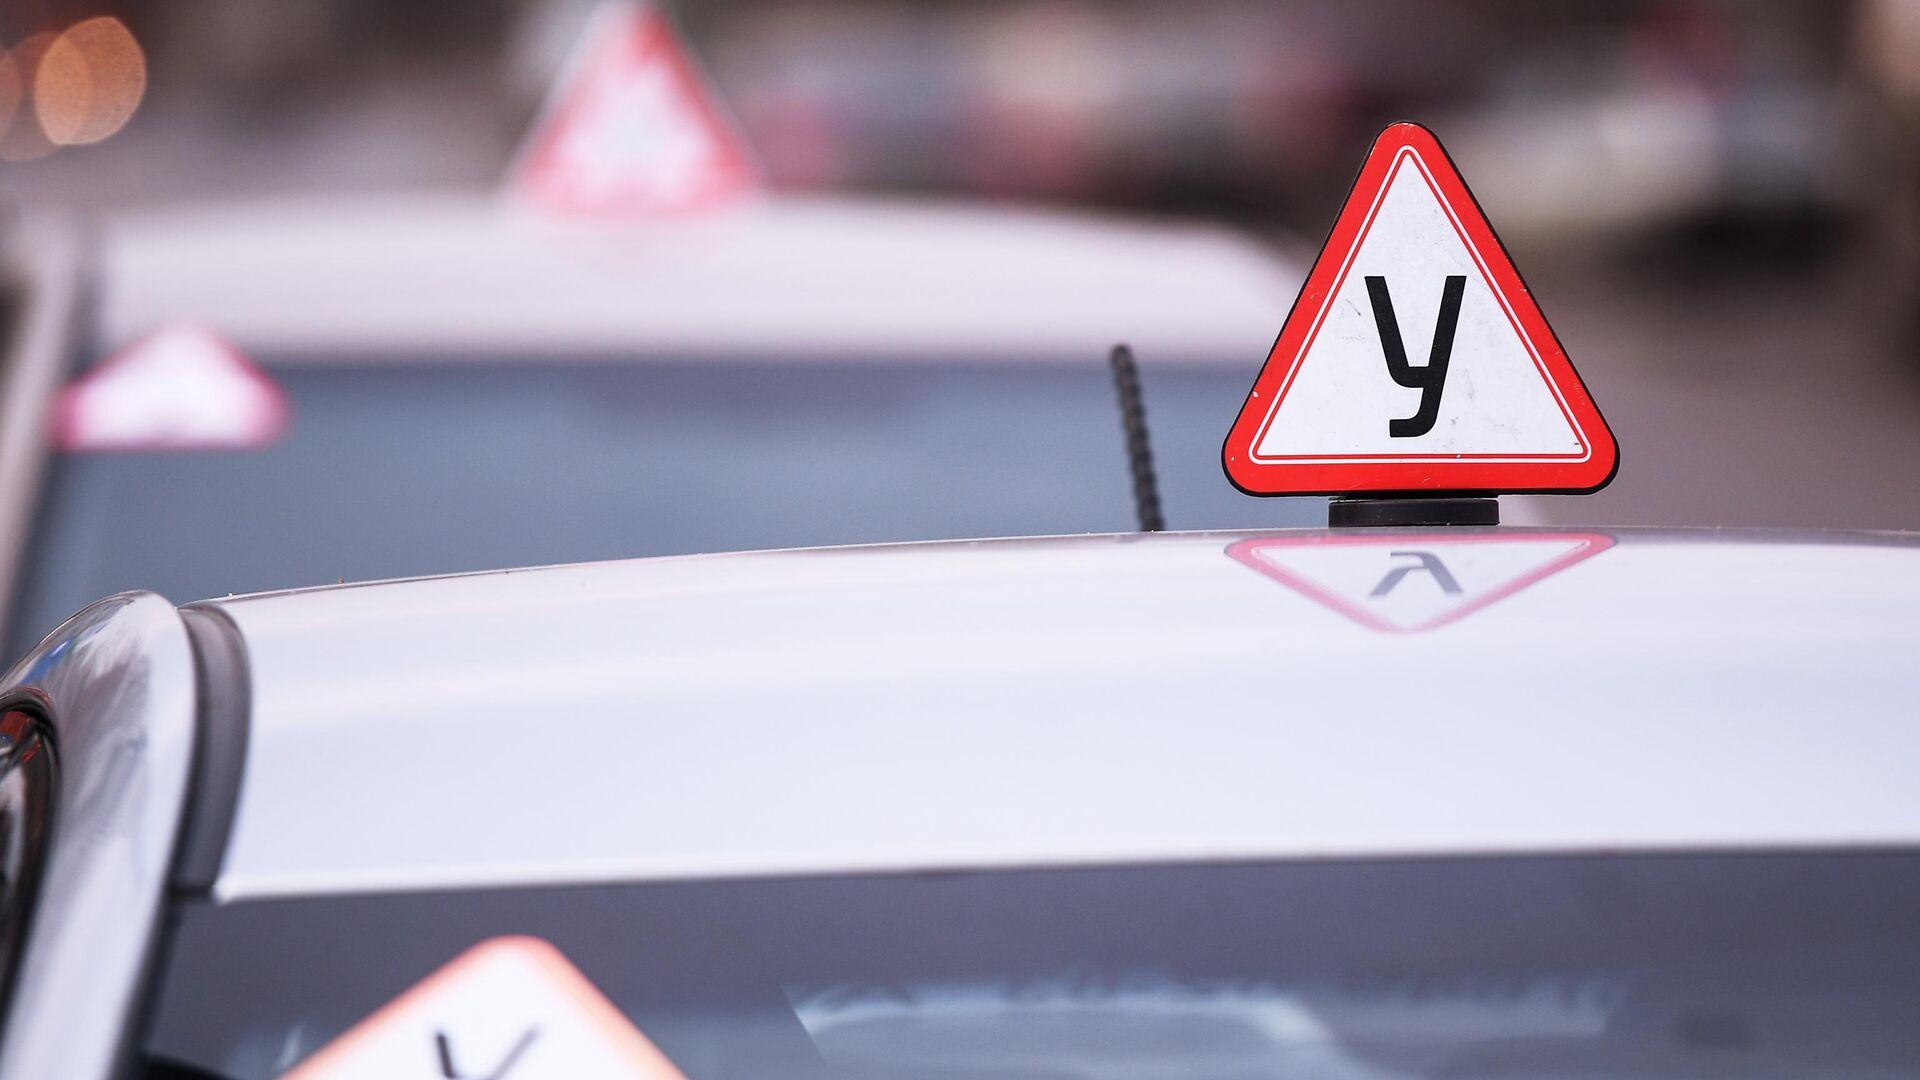 Знак Учебный автомобиль на крыше автомобиля - РИА Новости, 1920, 04.08.2021